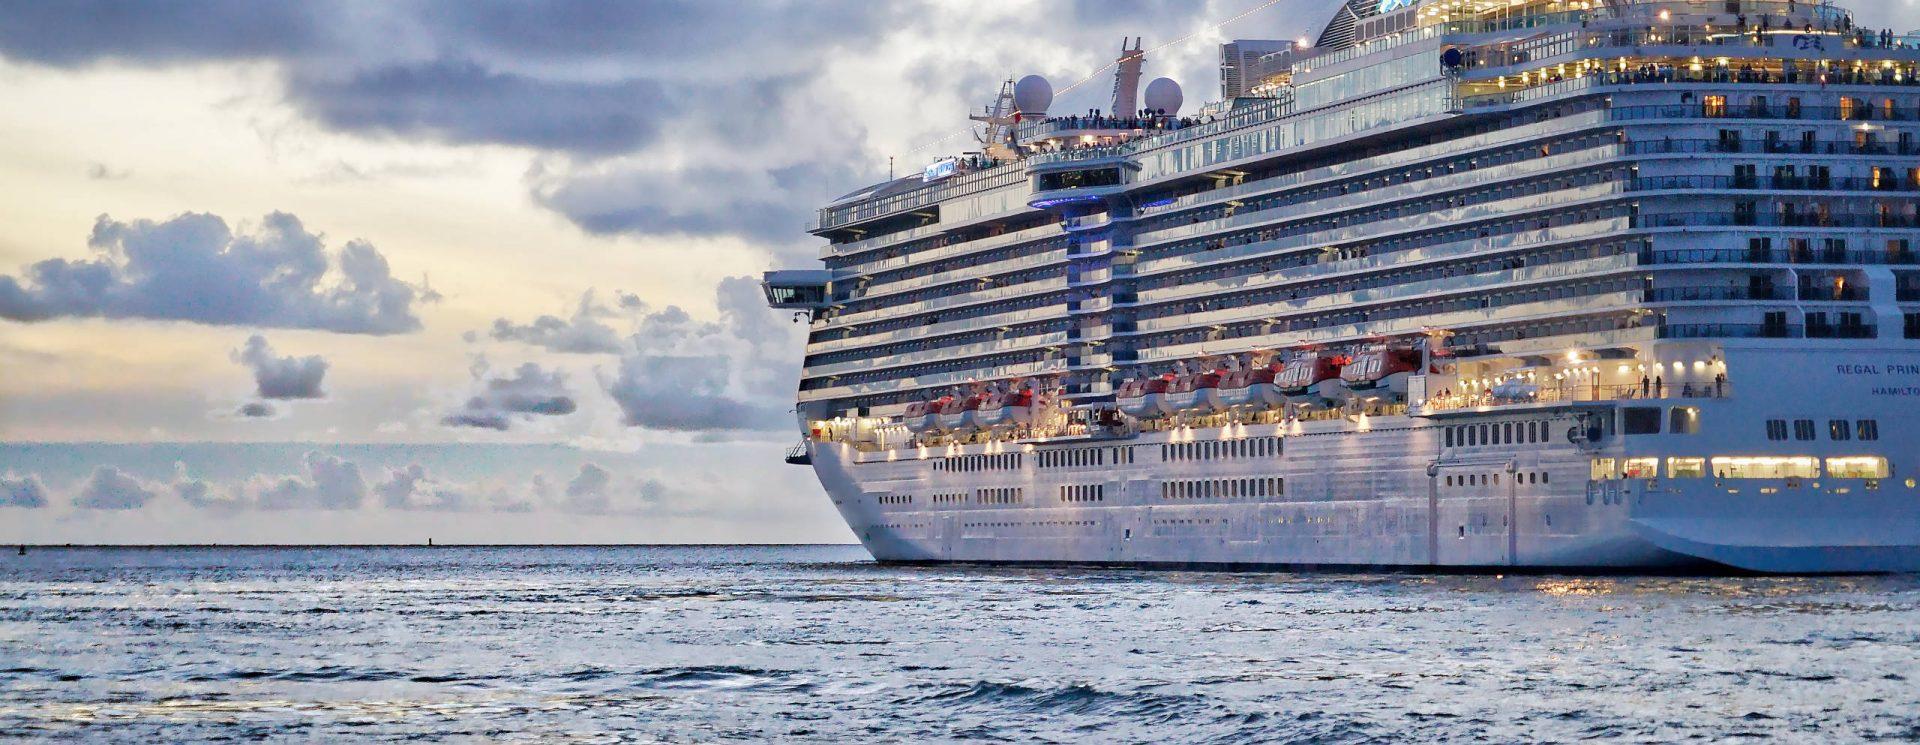 Symbolbild eines Kreuzfahrtschiffs mit brandschutzzertifizierten Drucken